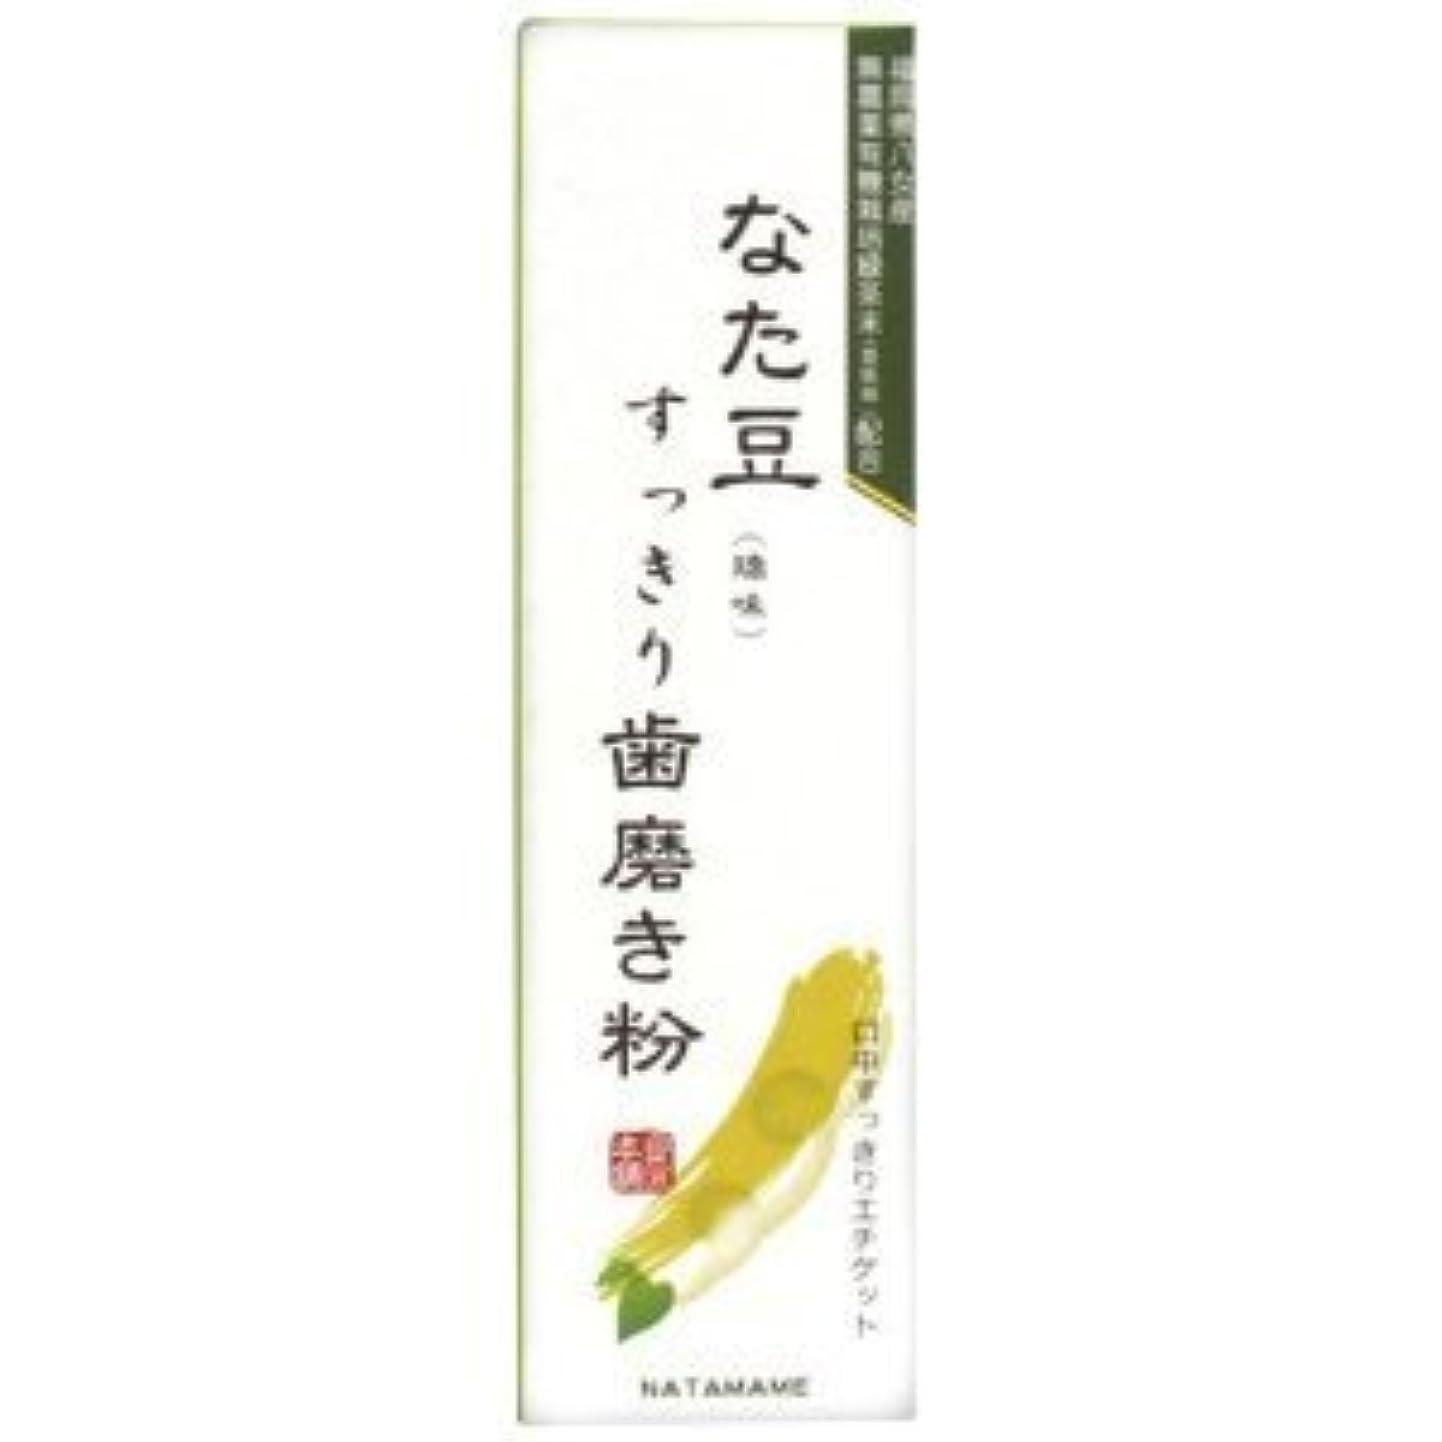 イタリックビジョン急勾配のなた豆すっきり歯磨き粉(120g)2本セット